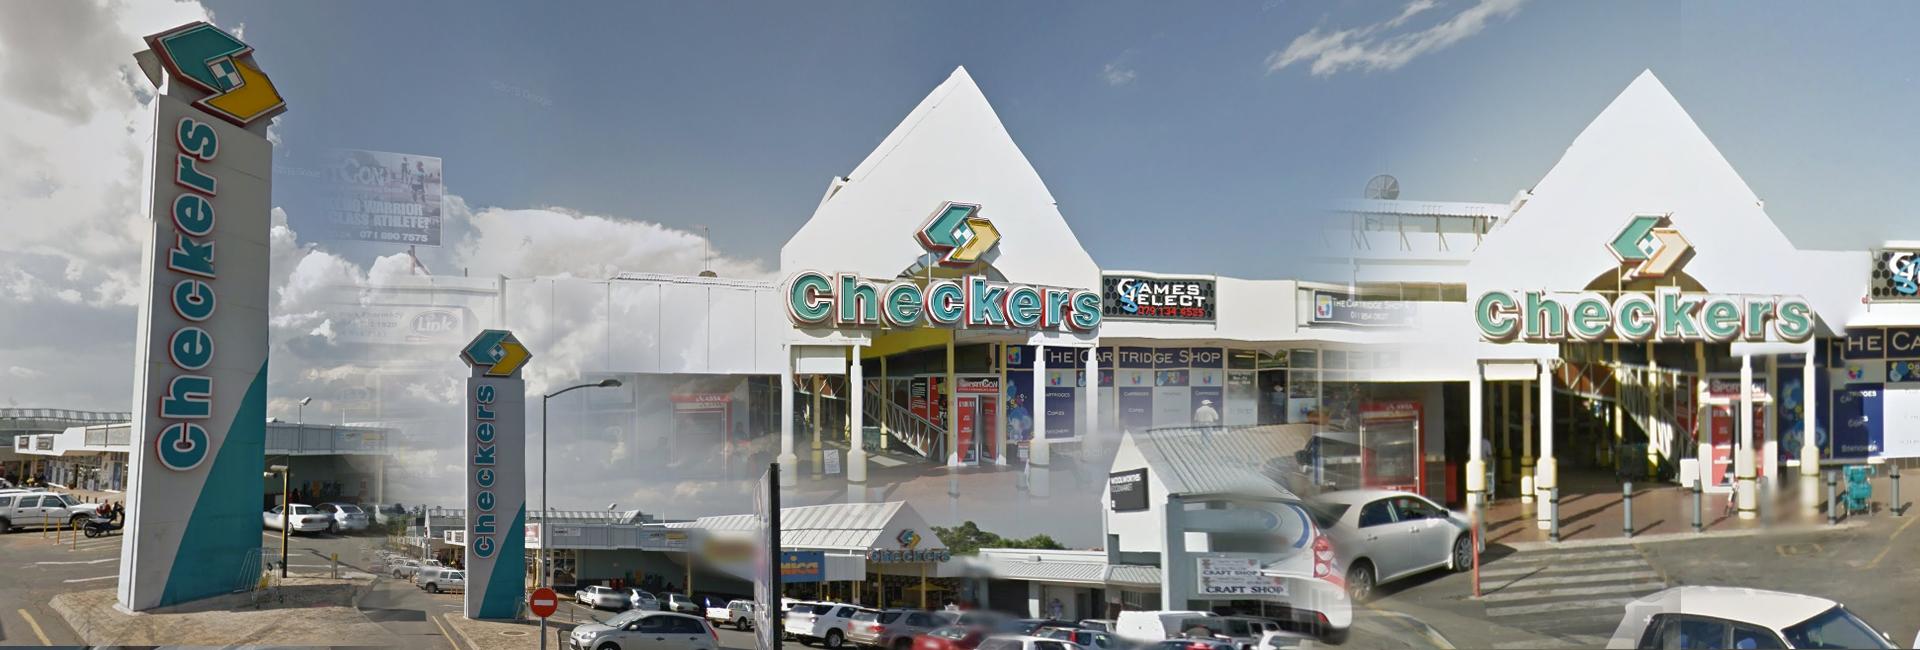 Shoprite Checkers Center